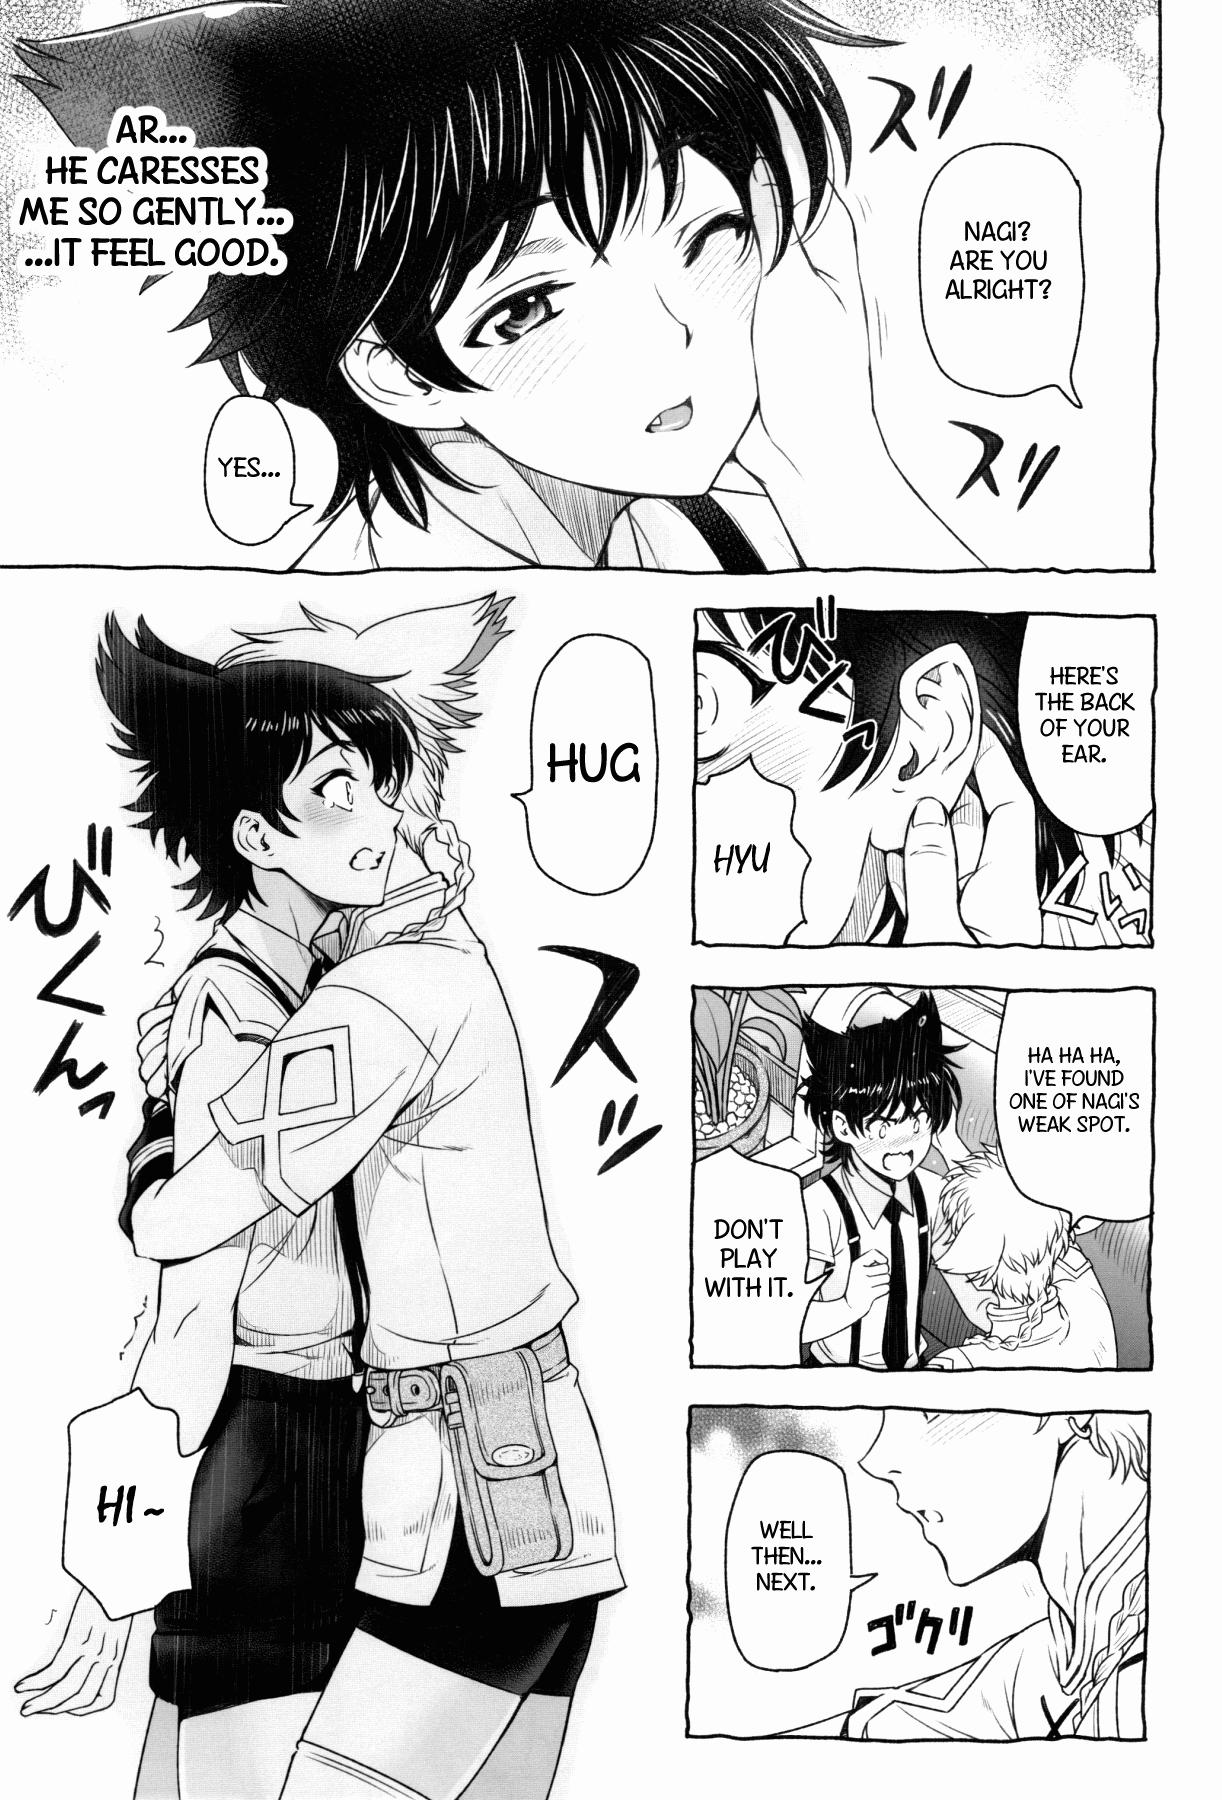 Shounen-tachi no Gogo | Boys Afternoon 9